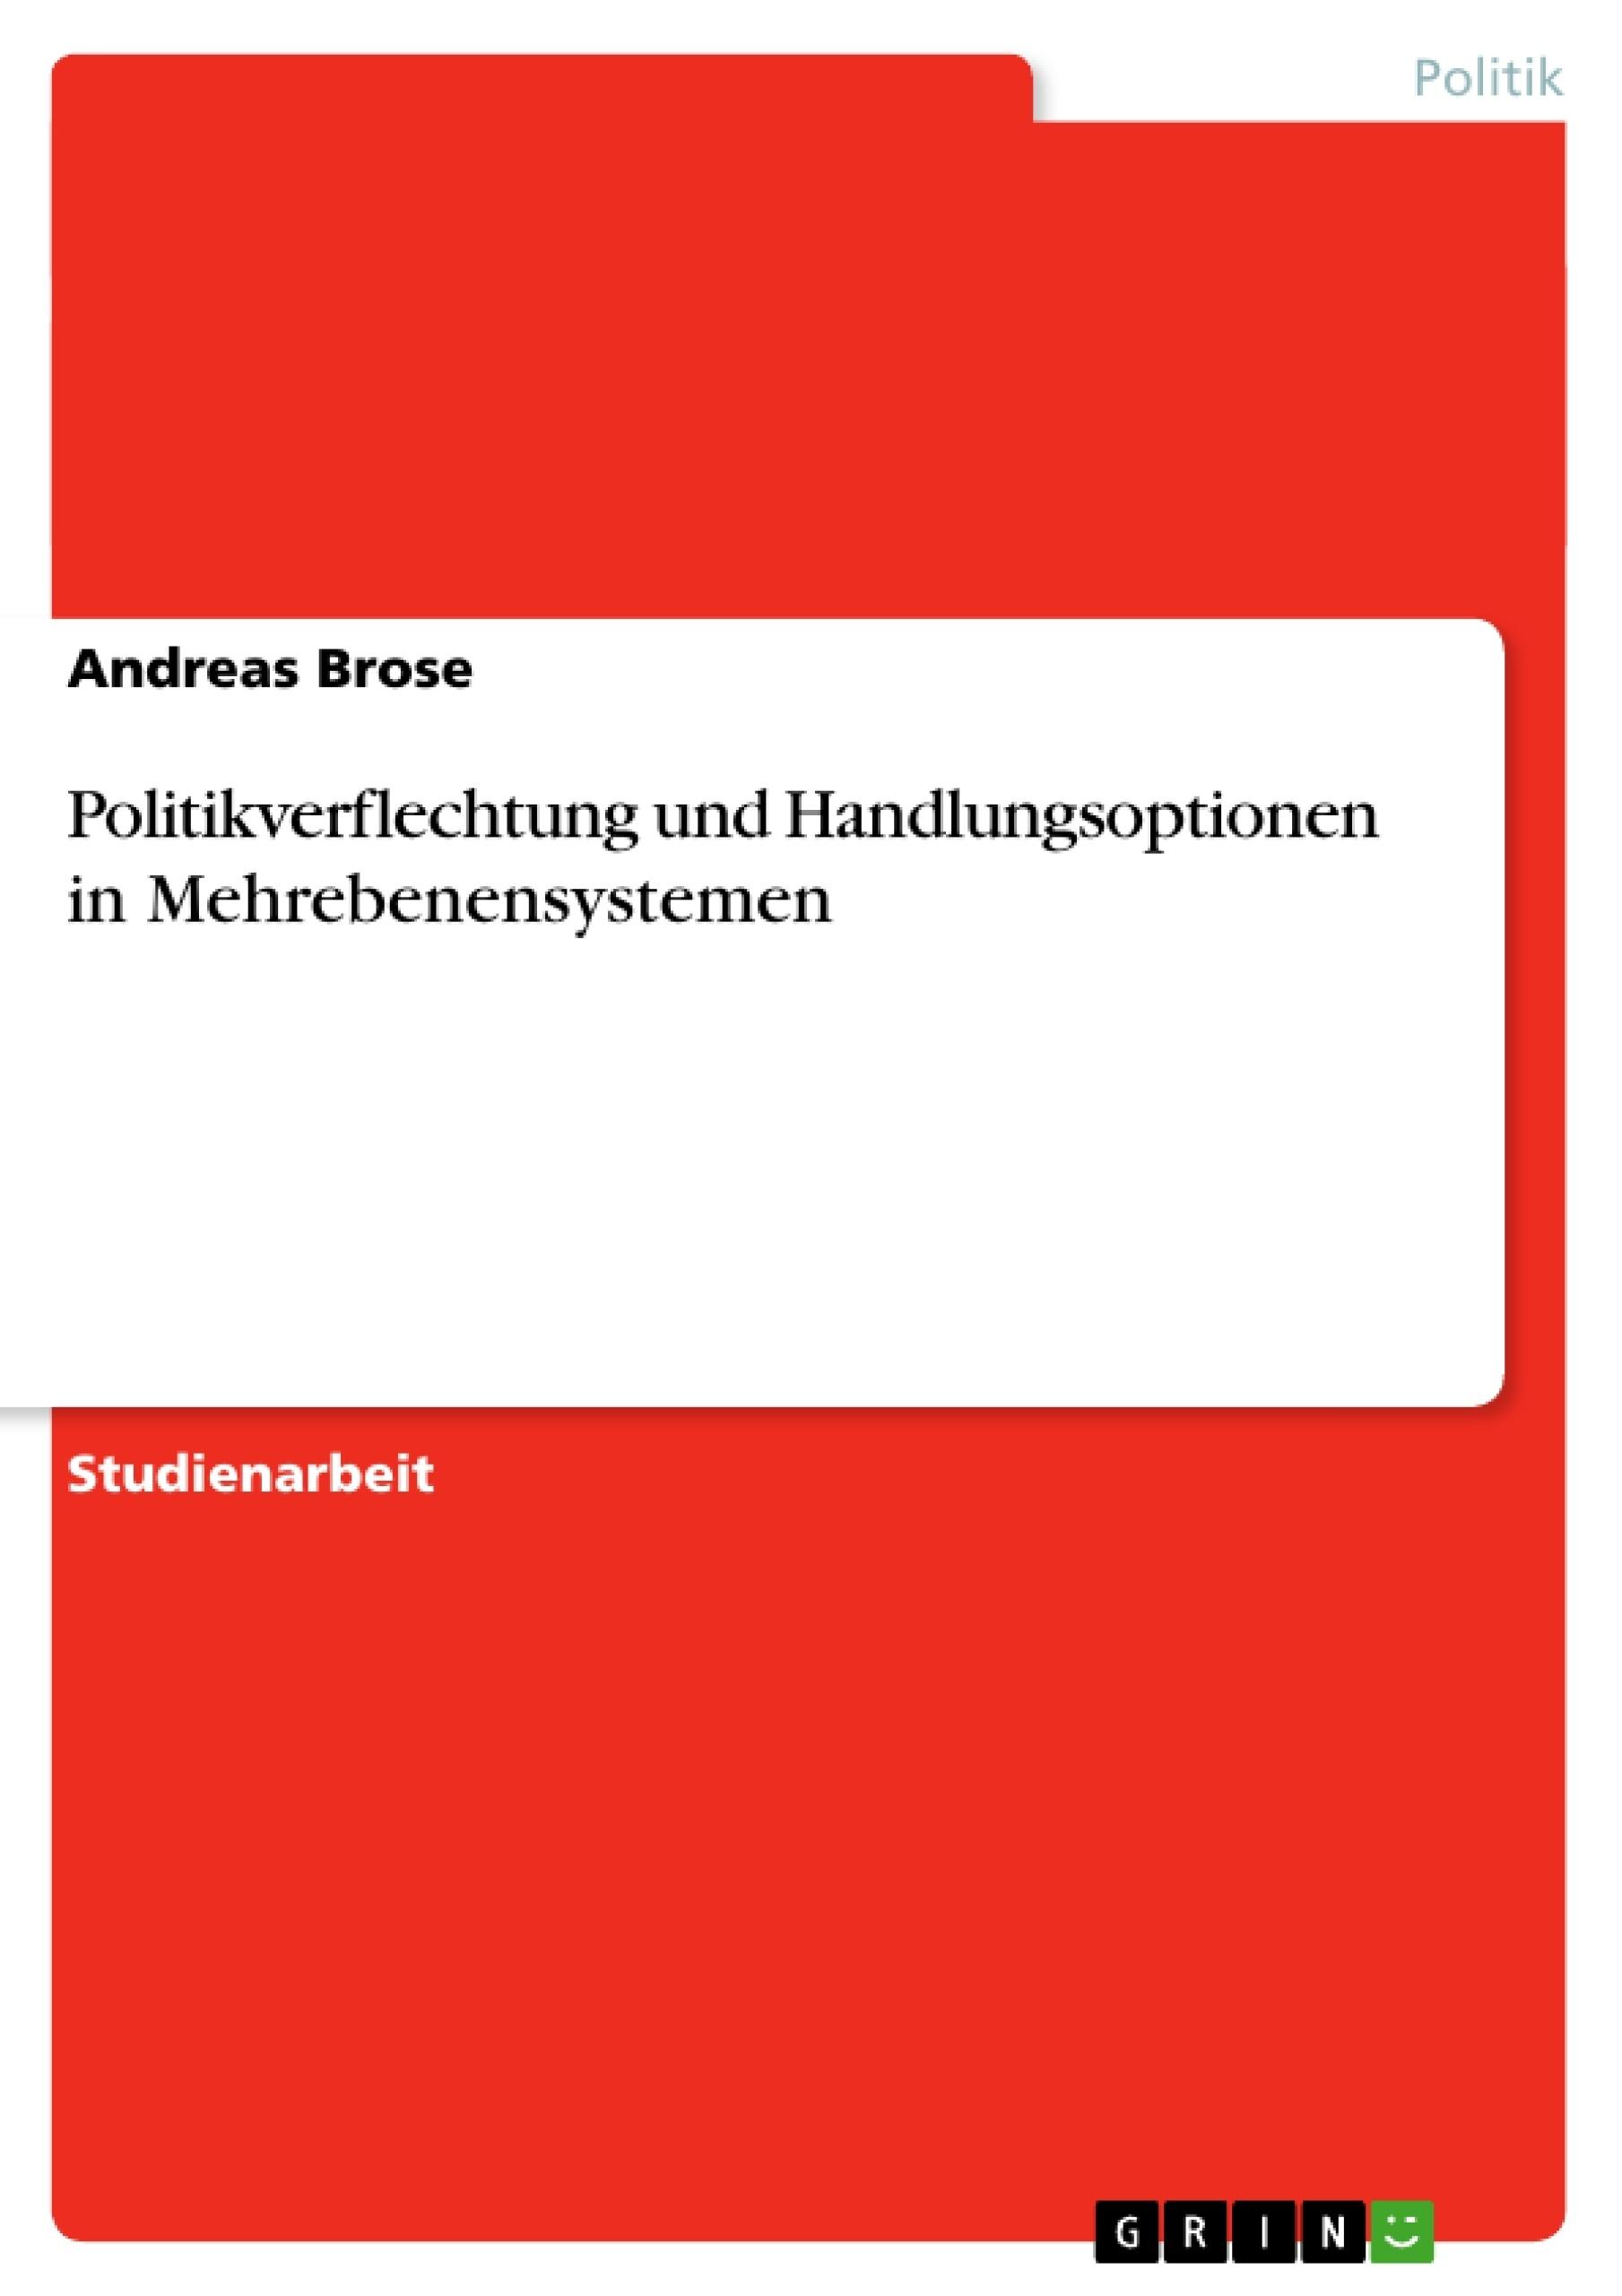 Titel: Politikverflechtung und Handlungsoptionen in Mehrebenensystemen